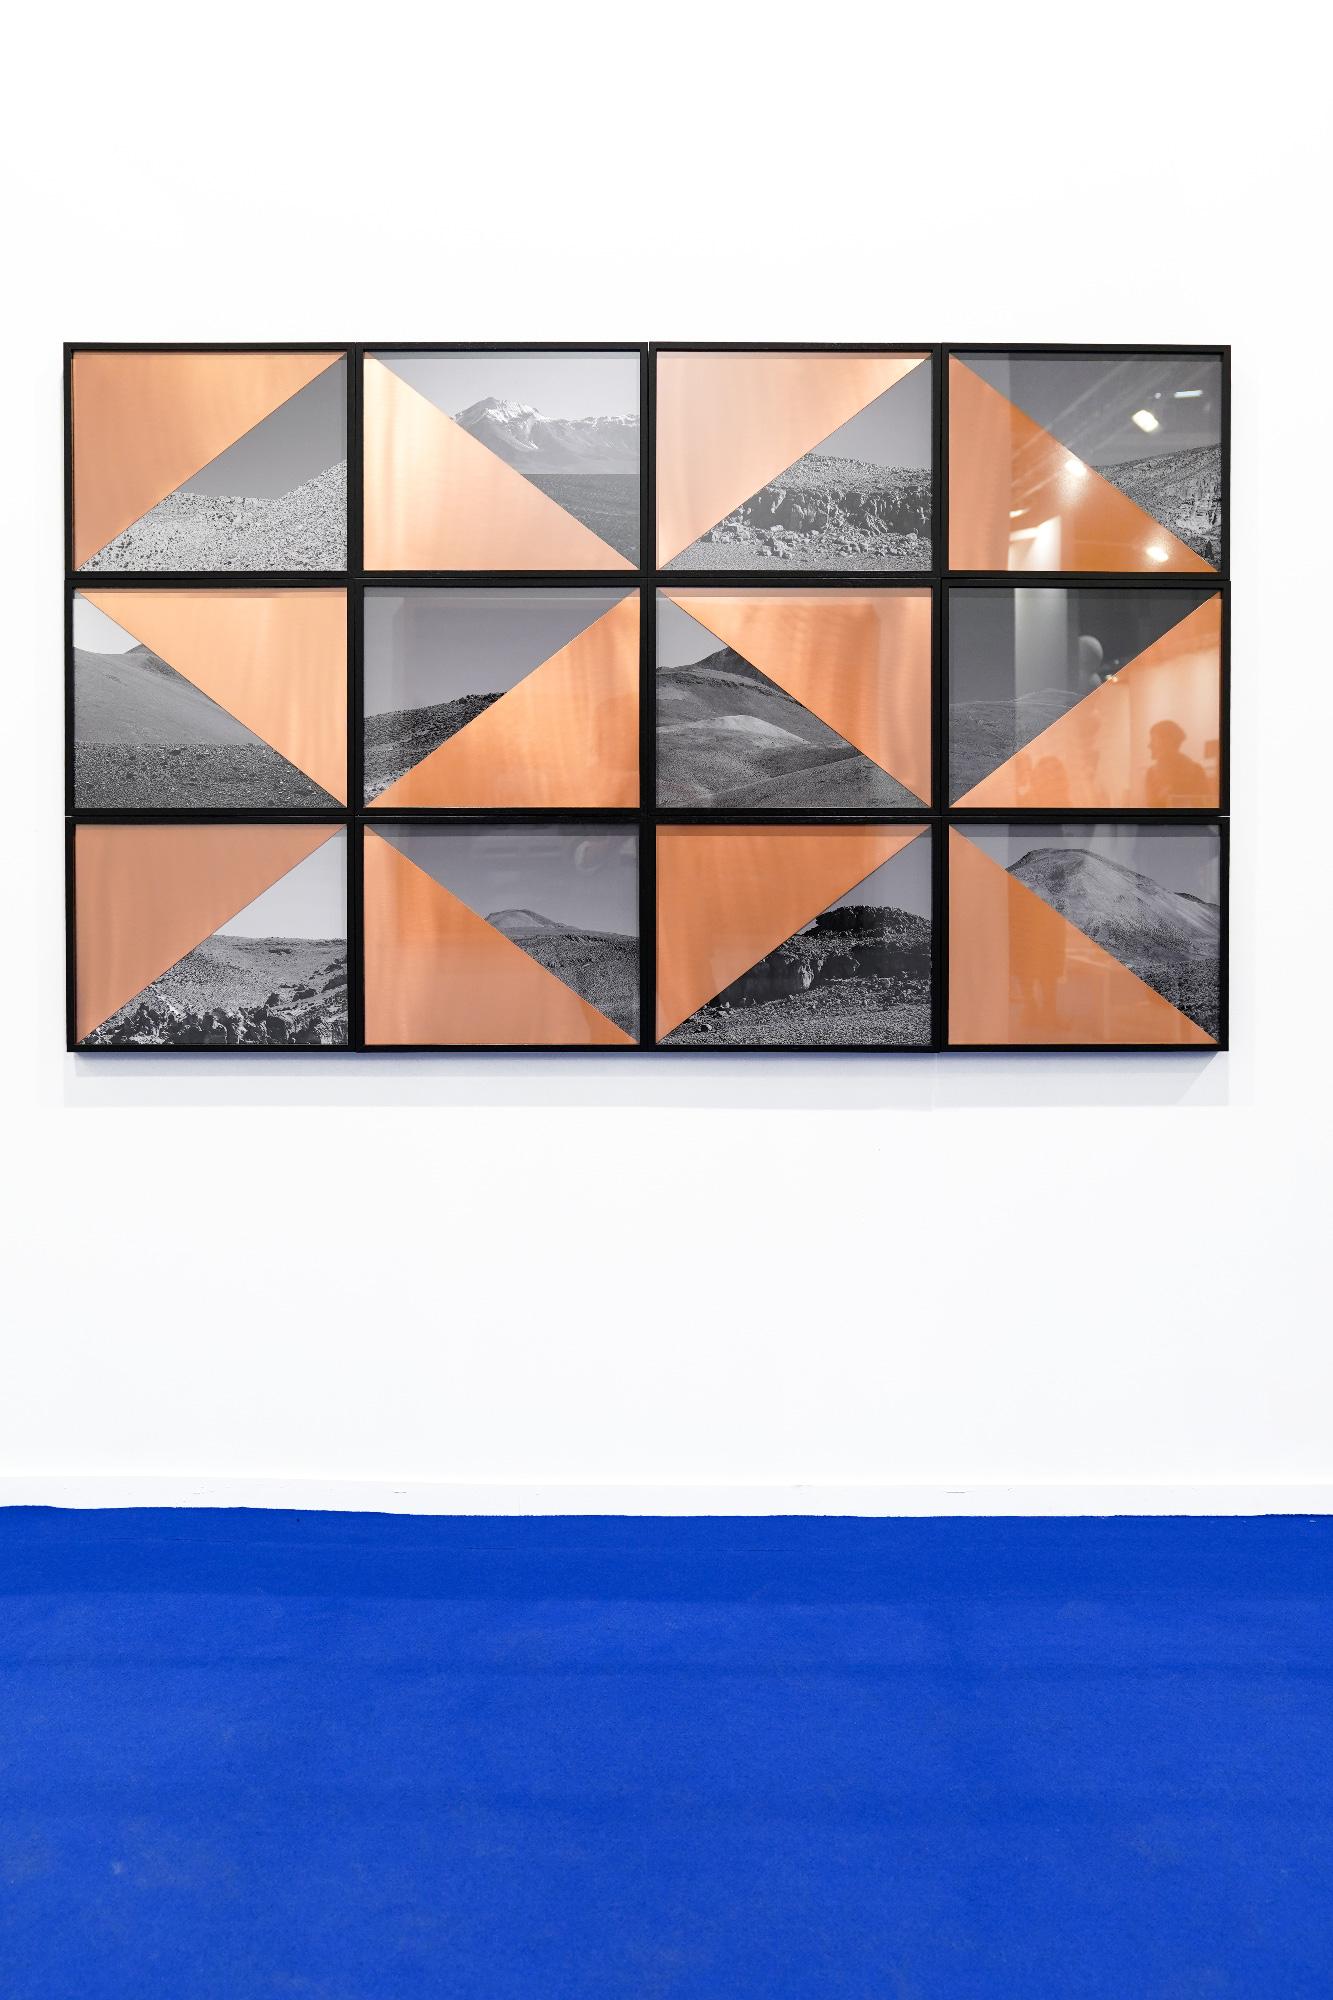 CaballeroCosmica-Exhibitionphoto-Arco2019-CasadoSantaPau.jpg